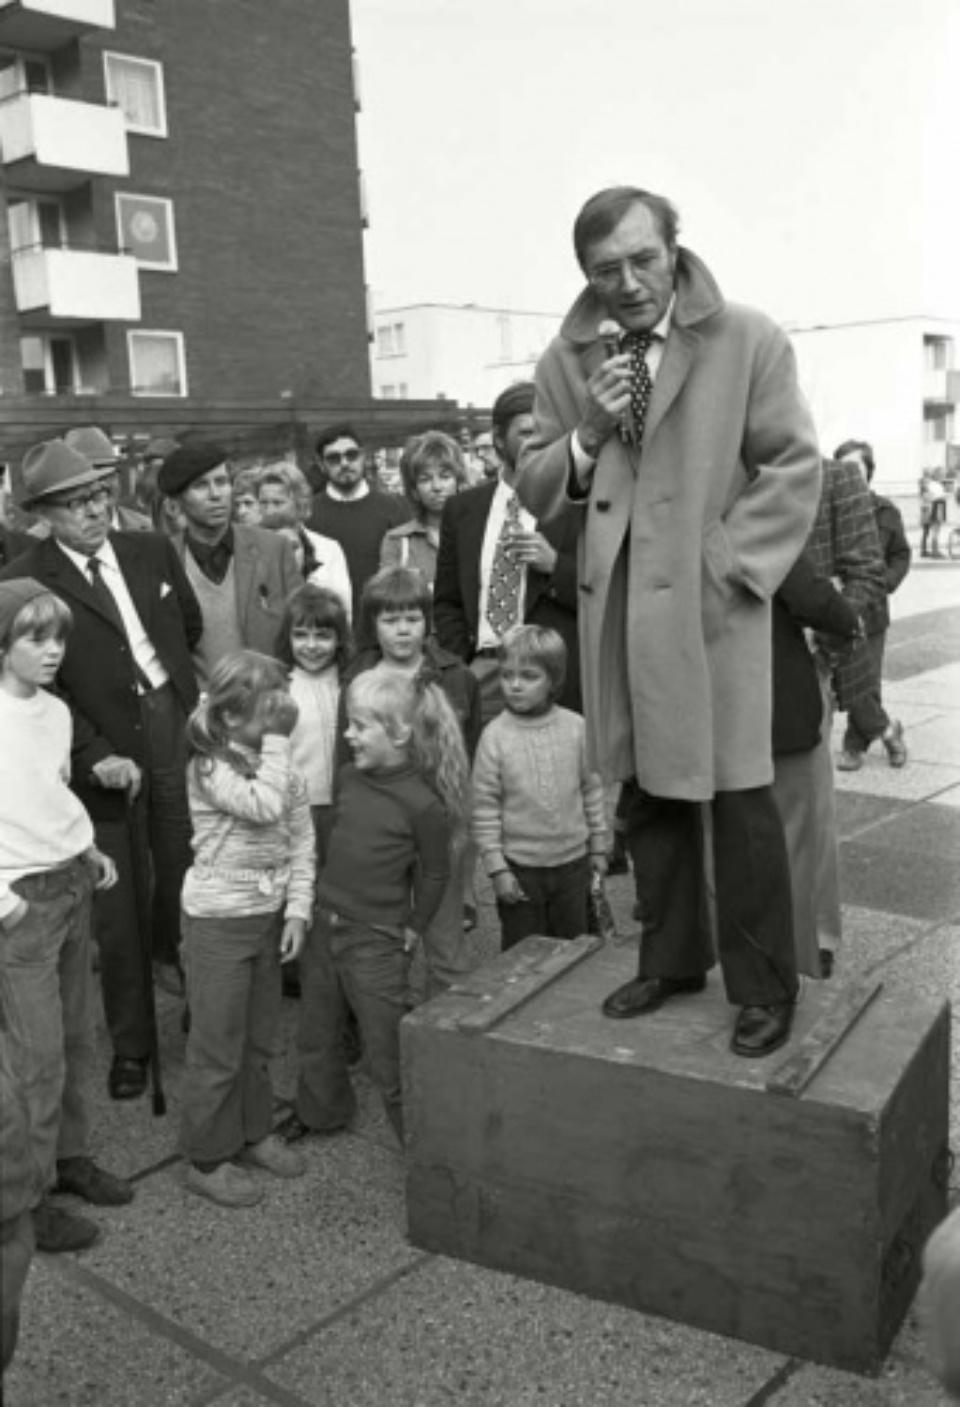 Max Scheler: Rudolf Augstein im Wahlkampf für die FDP, Paderborn, Germany 1972 Modern gelatin silver print 100 x 70 cm